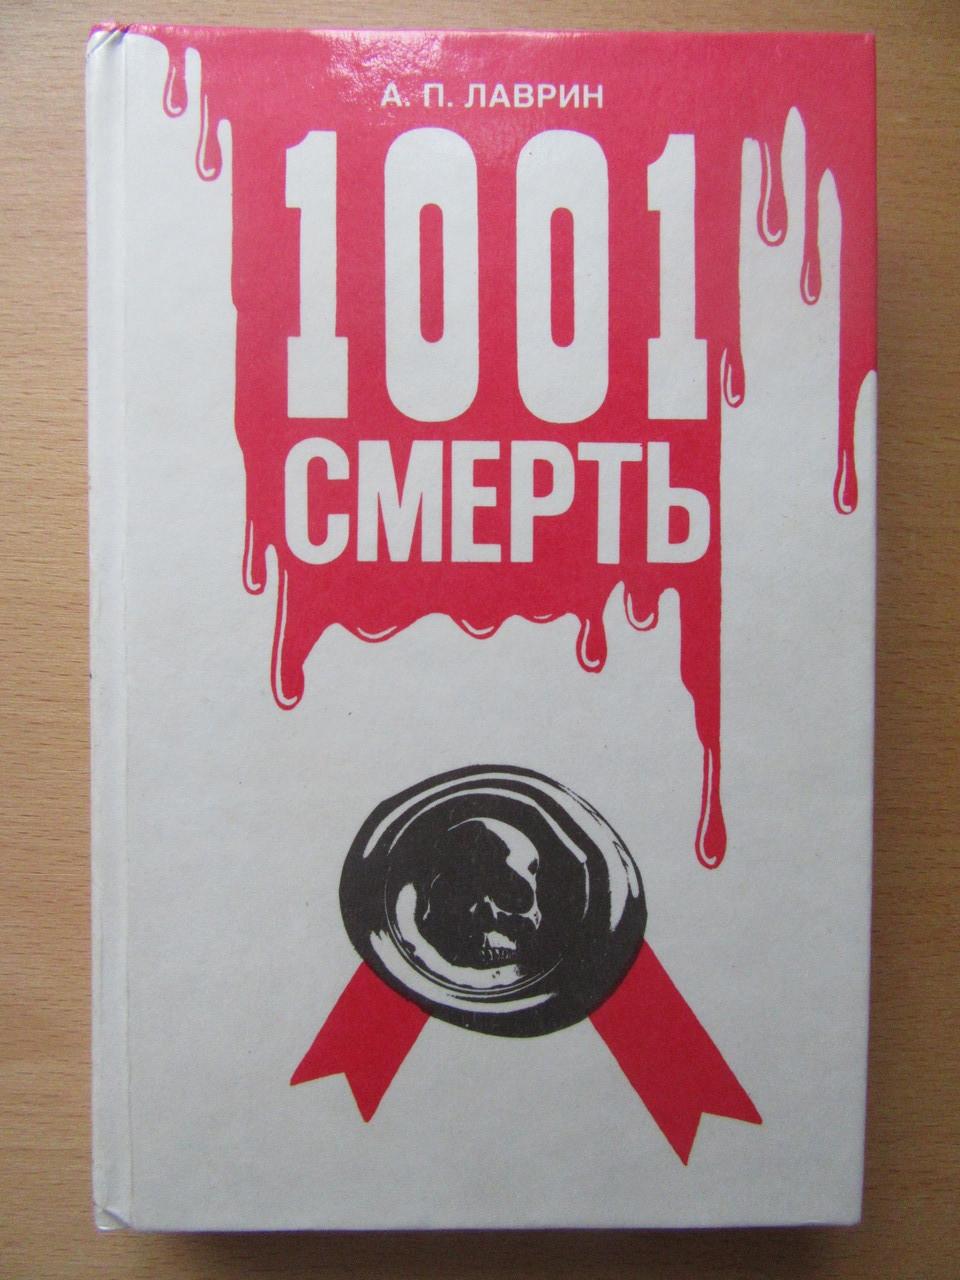 А.П.Лаврин. 1001 смерть